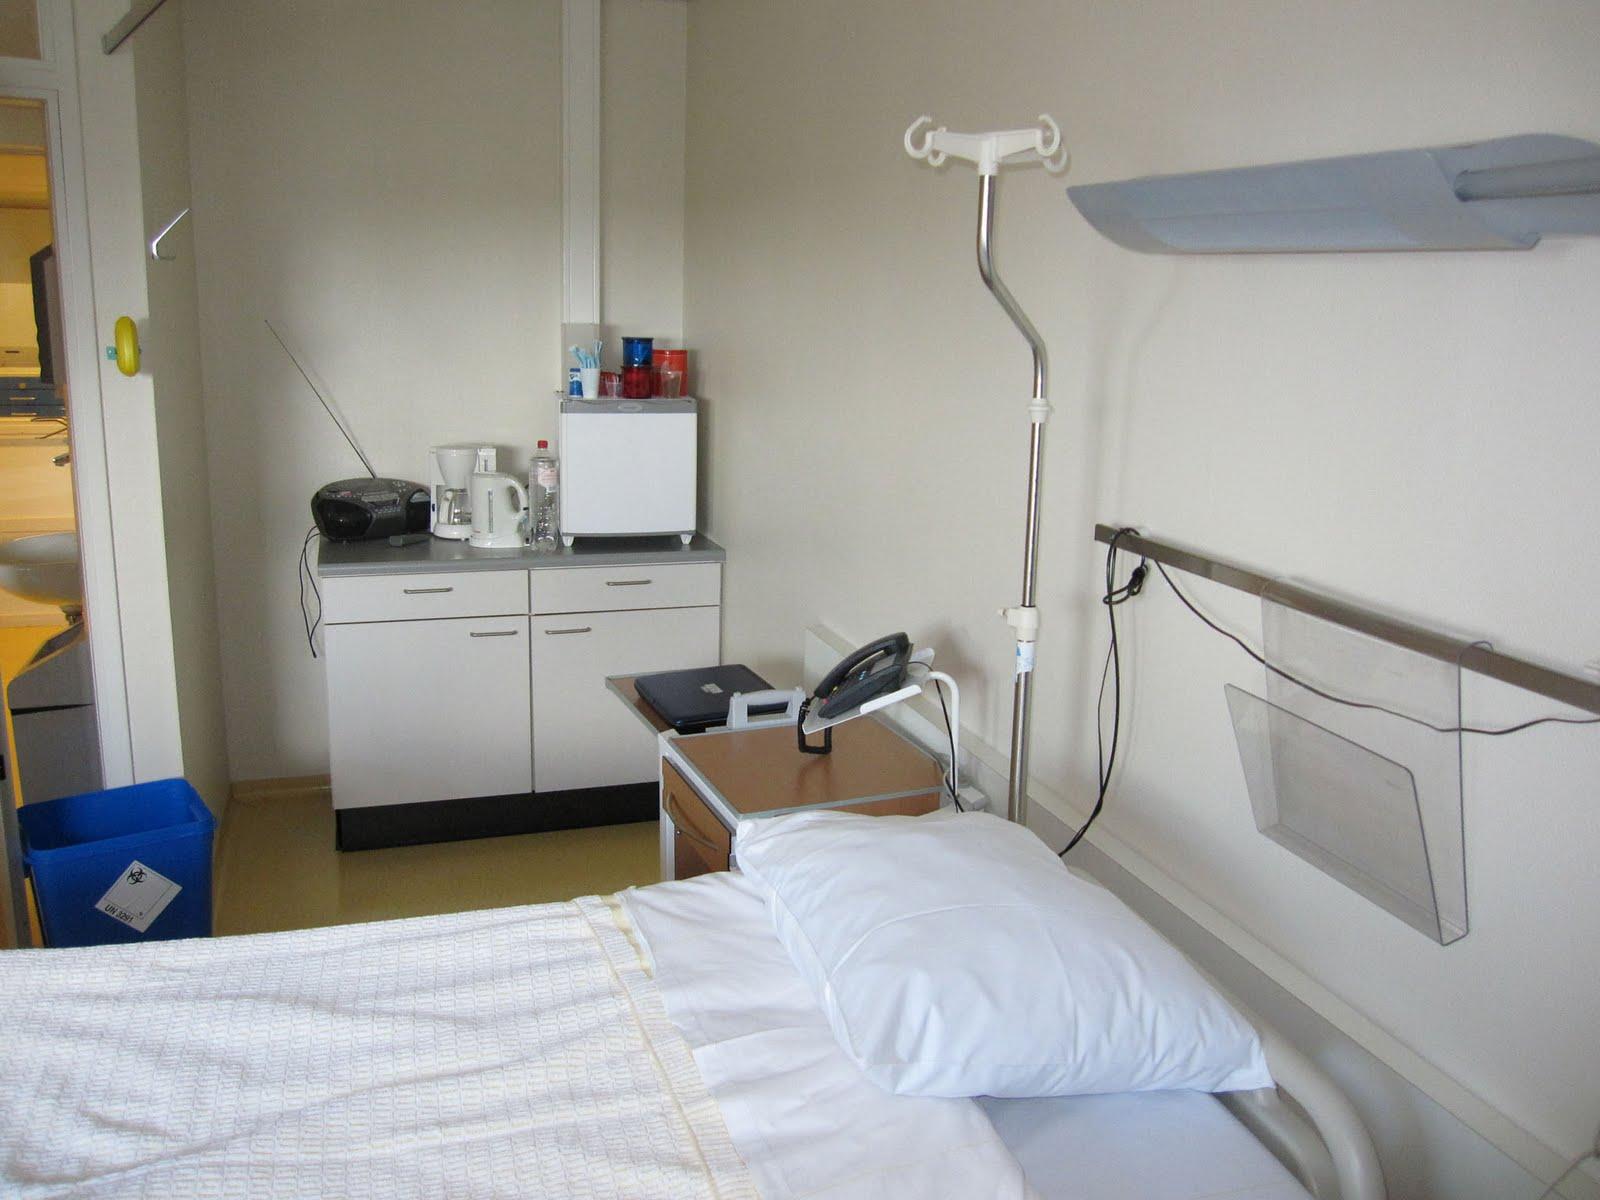 Mijn schildklierkanker behandeling woensdag 4 mei edith straalt door andre - Kamer heeft een mager ...